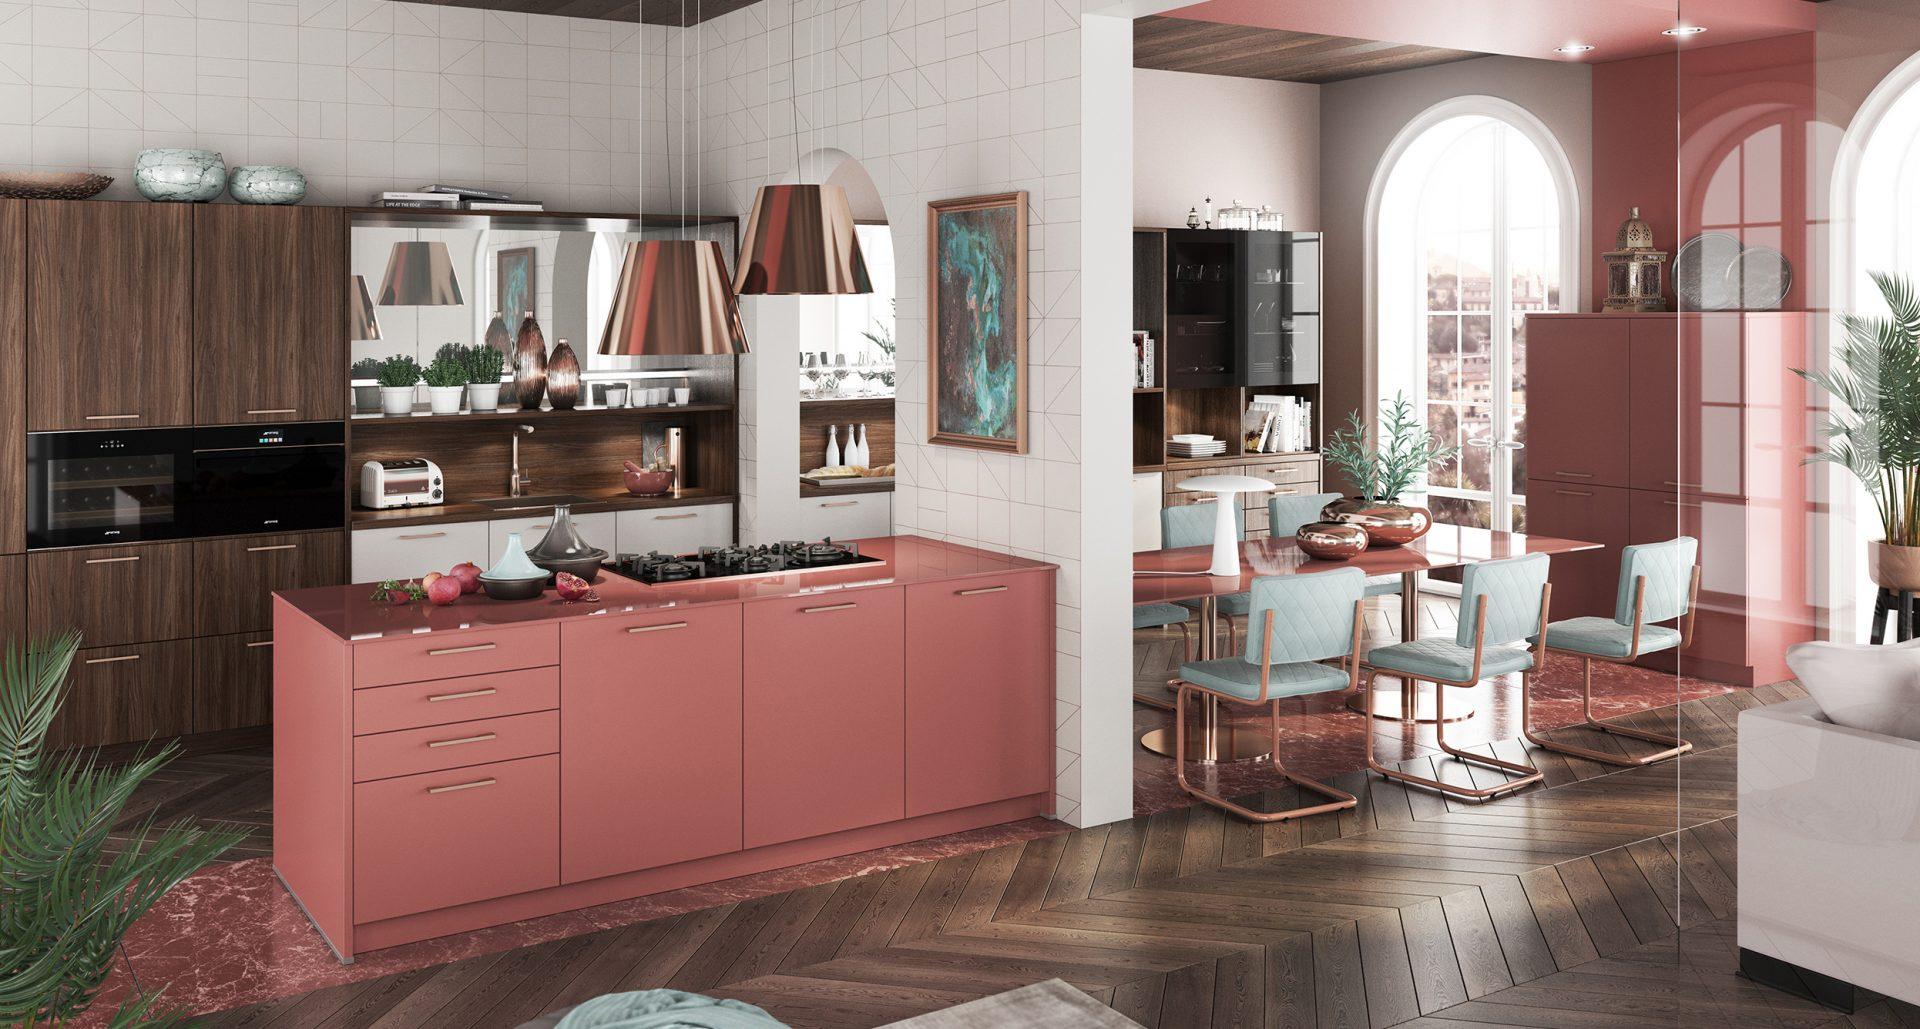 Full Size of Küchenblende Bauformat Wohnzimmer Küchenblende